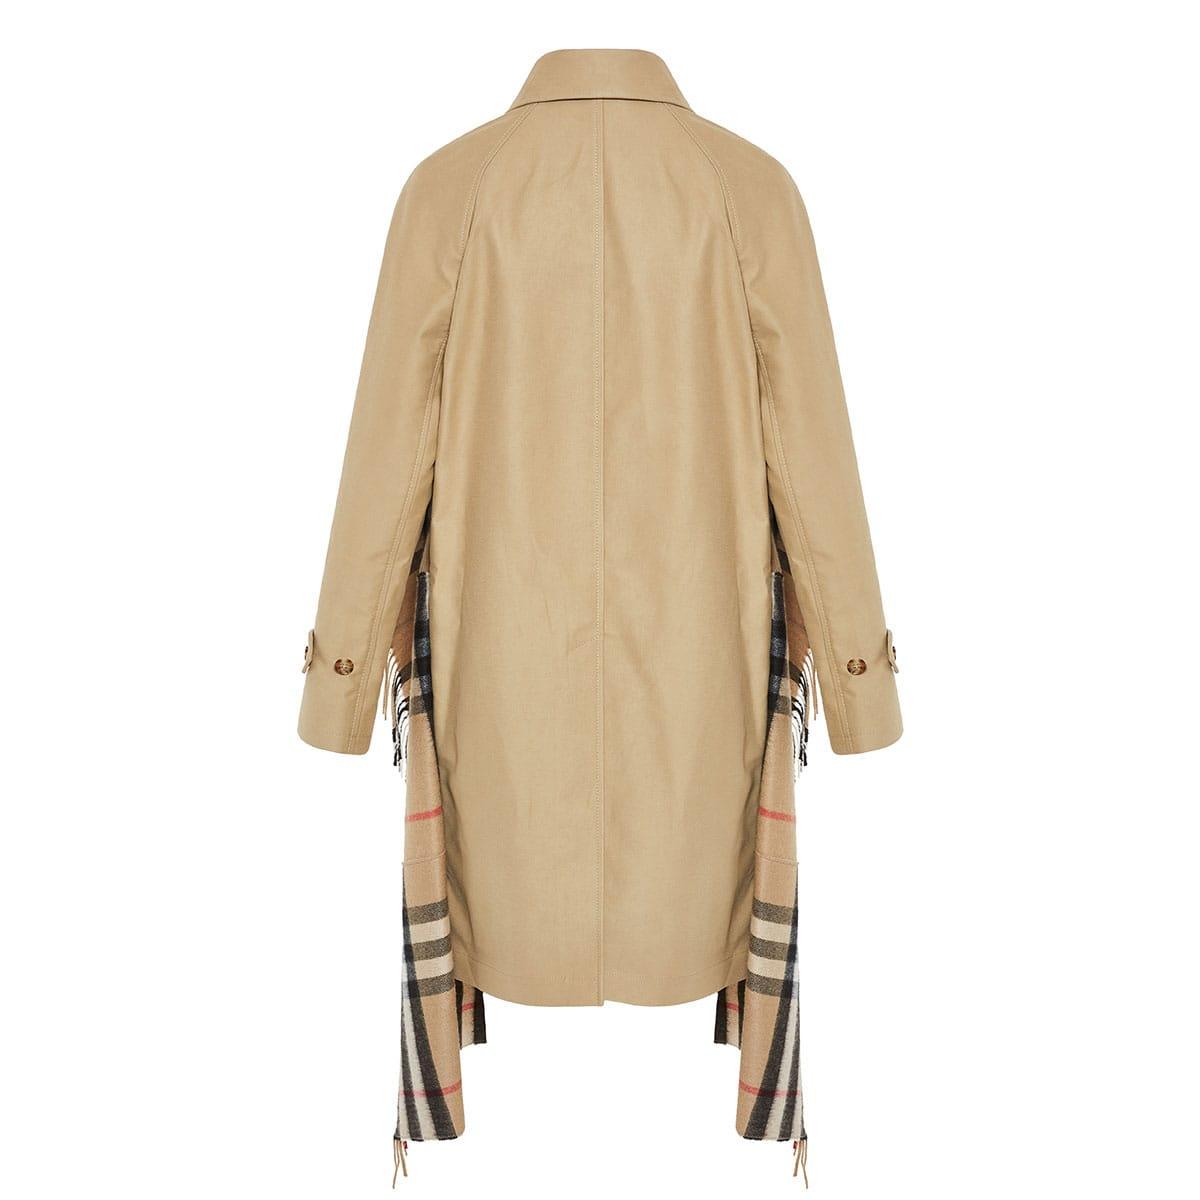 Scarf-paneled car coat